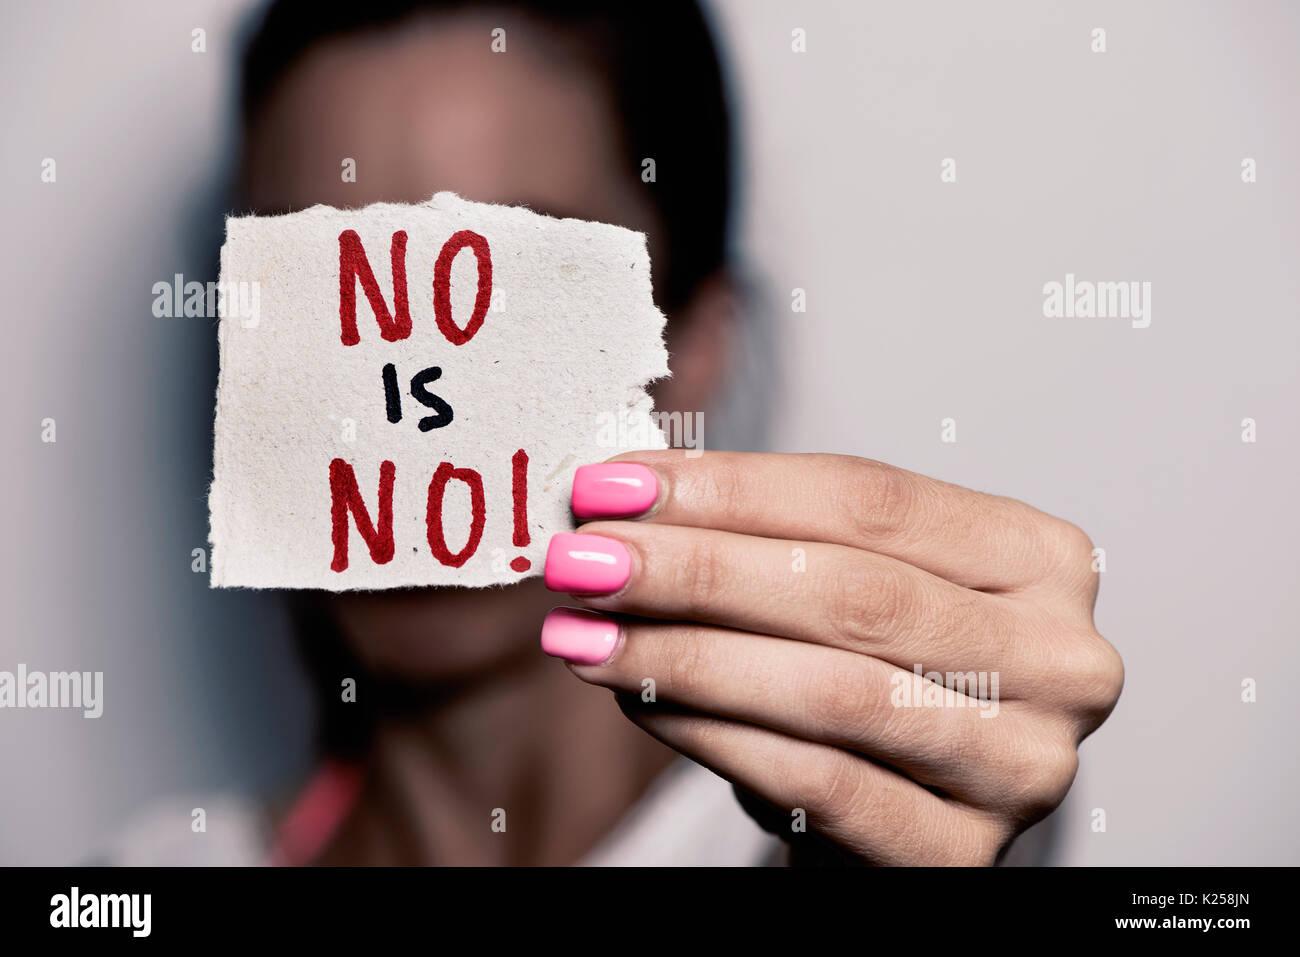 Nahaufnahme eines jungen kaukasischen Frau mit rosa polierte Nägel hält ein Stück Papier mit der Text nicht in Es ist keine schriftliche, vor ihrem Gesicht Stockbild